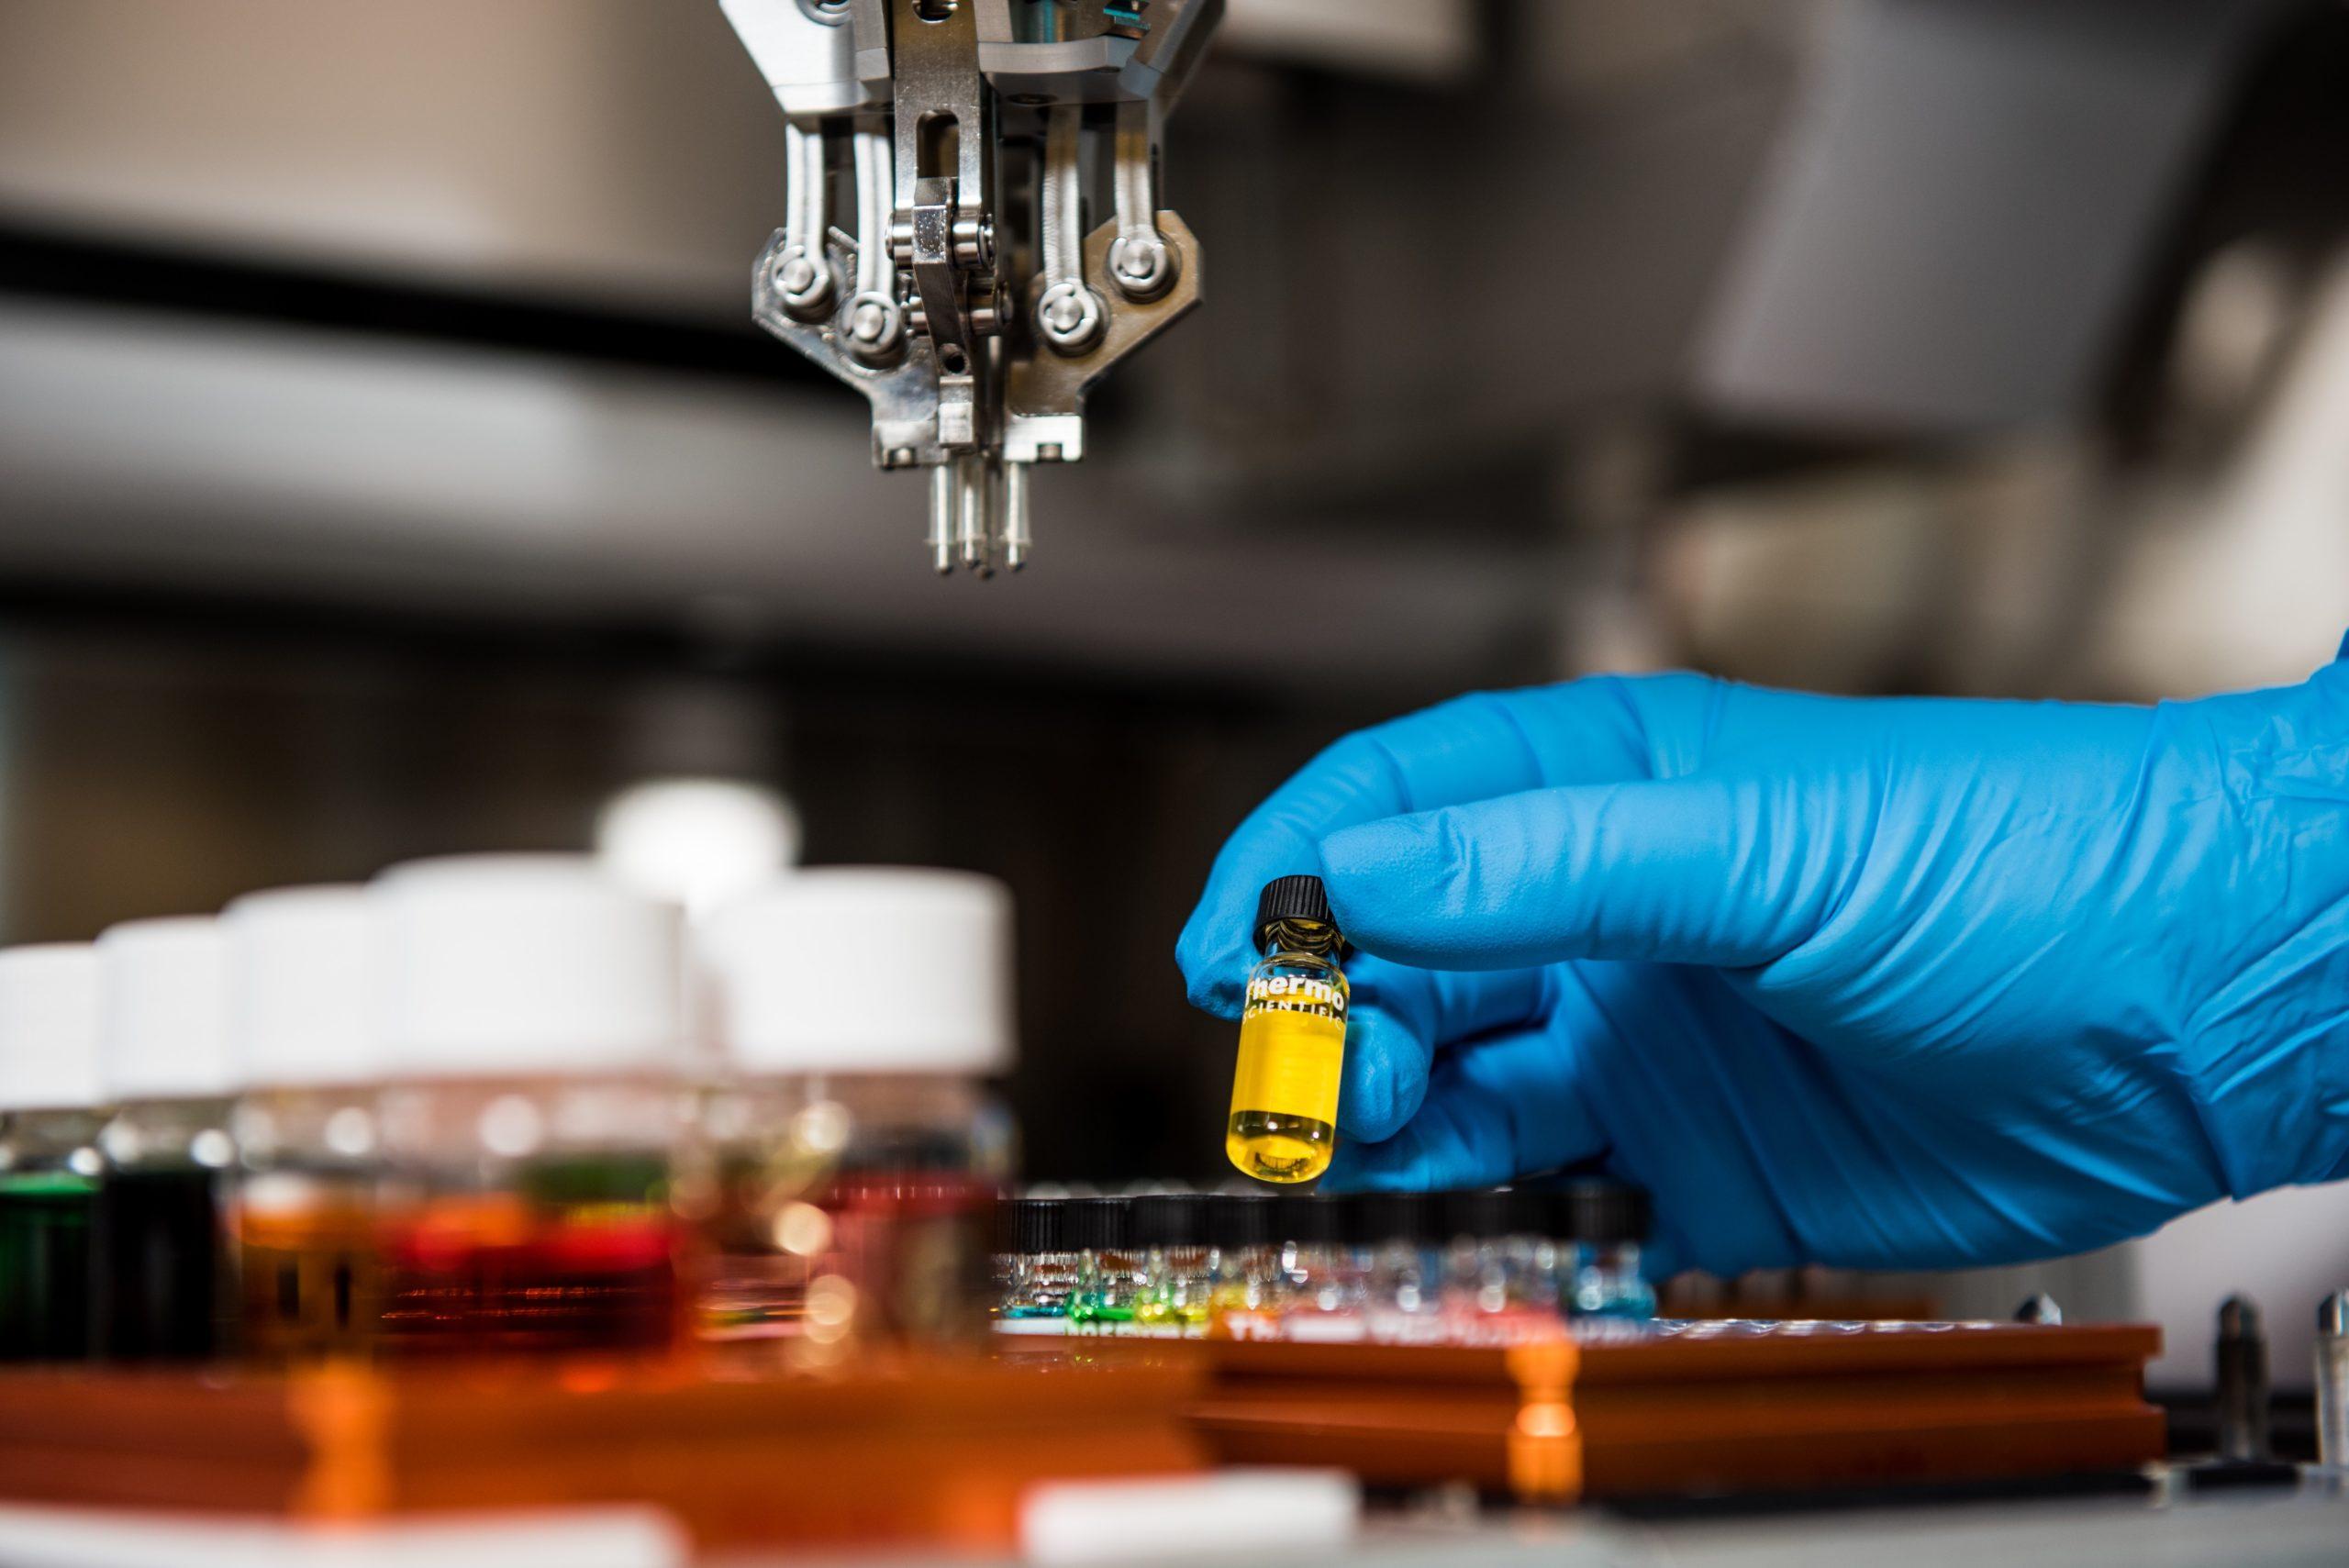 Vers une industrie plus verte, plus humaine et plus intelligente : 6 millions d'euros pour soutenir la recherche académique et industrielle